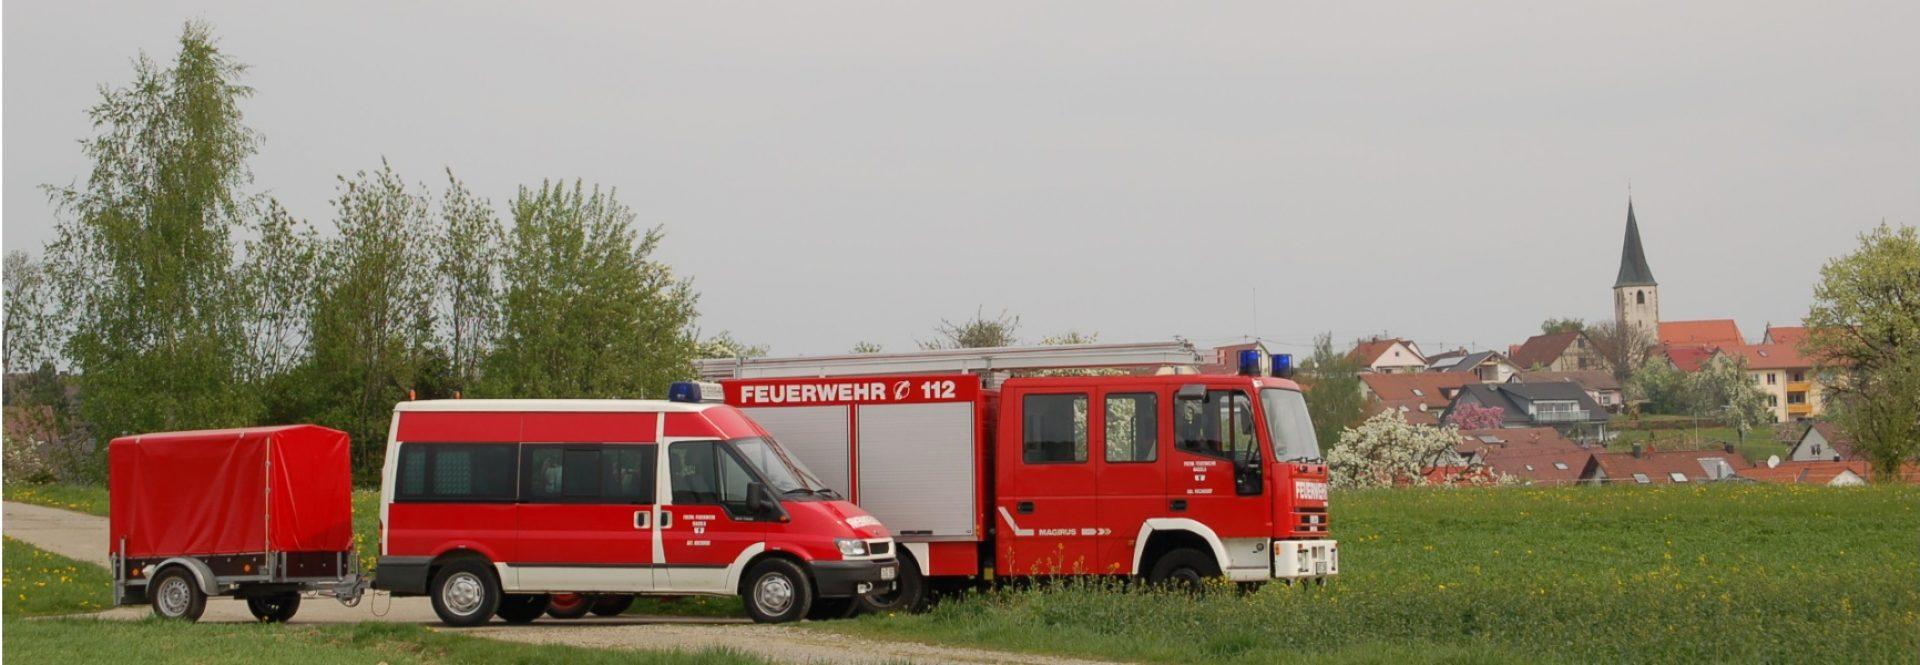 Freiwillige Feuerwehr Nagold Abteilung Hochdorf